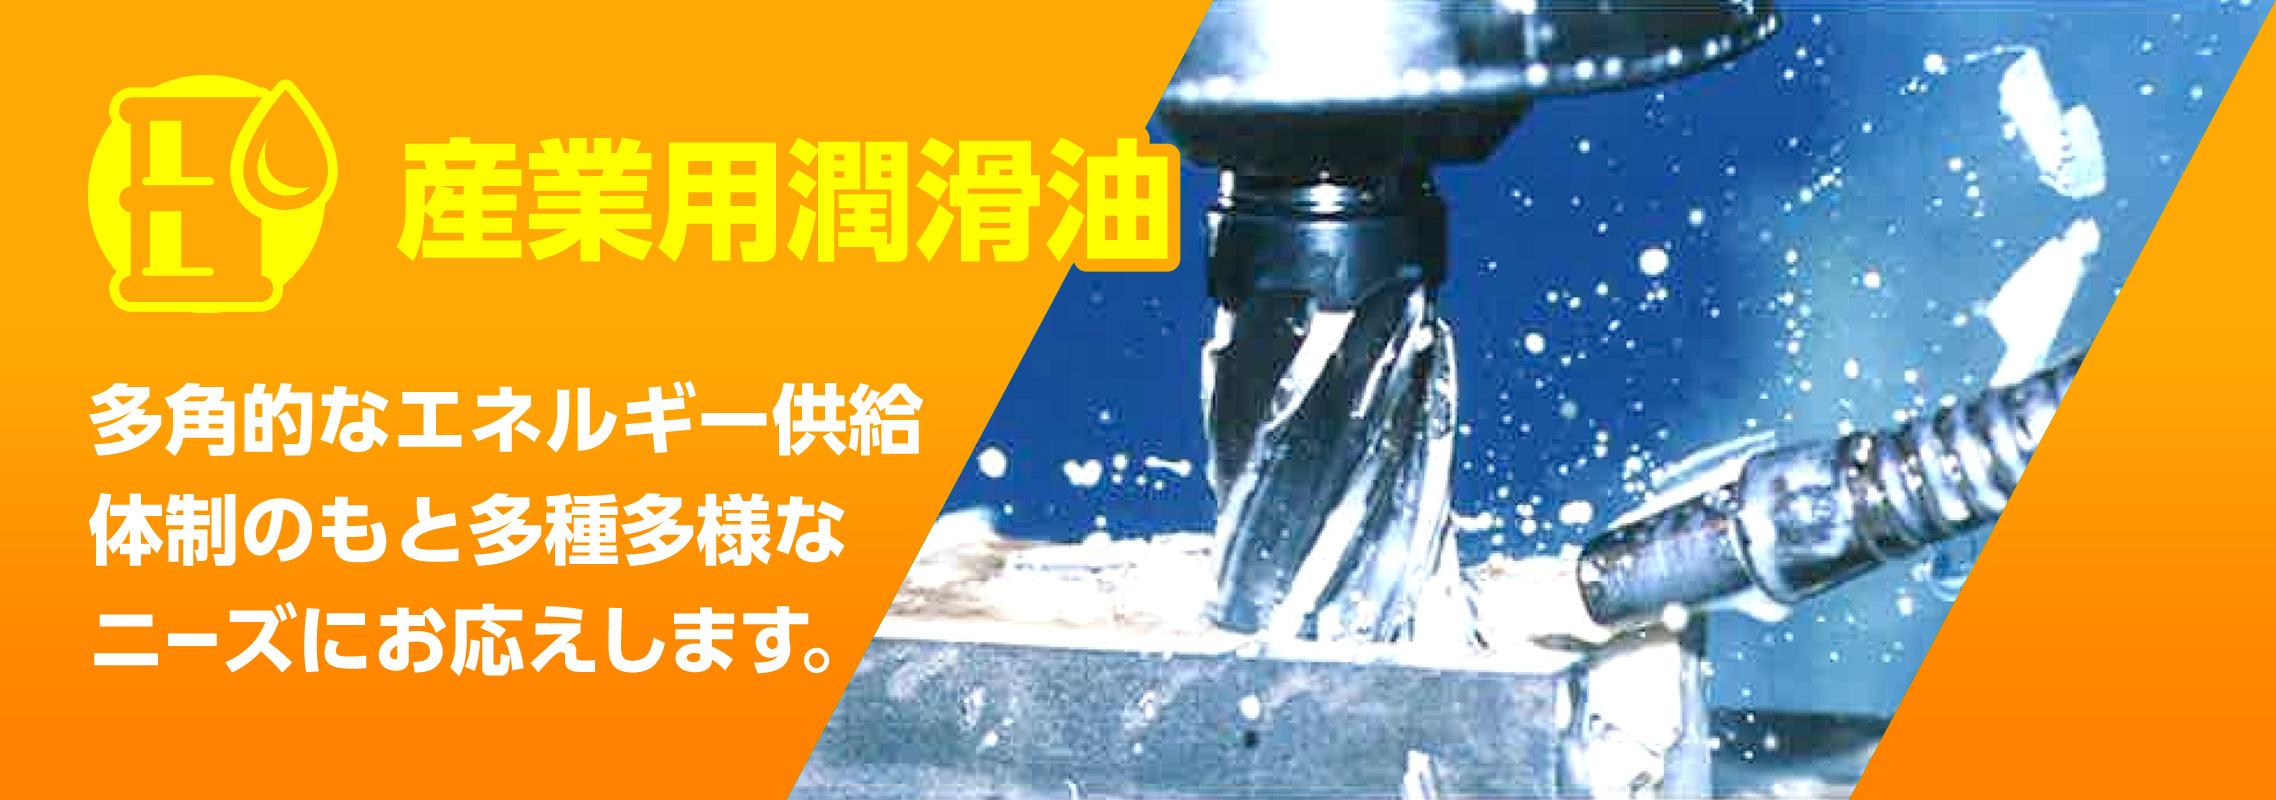 産業用潤滑油